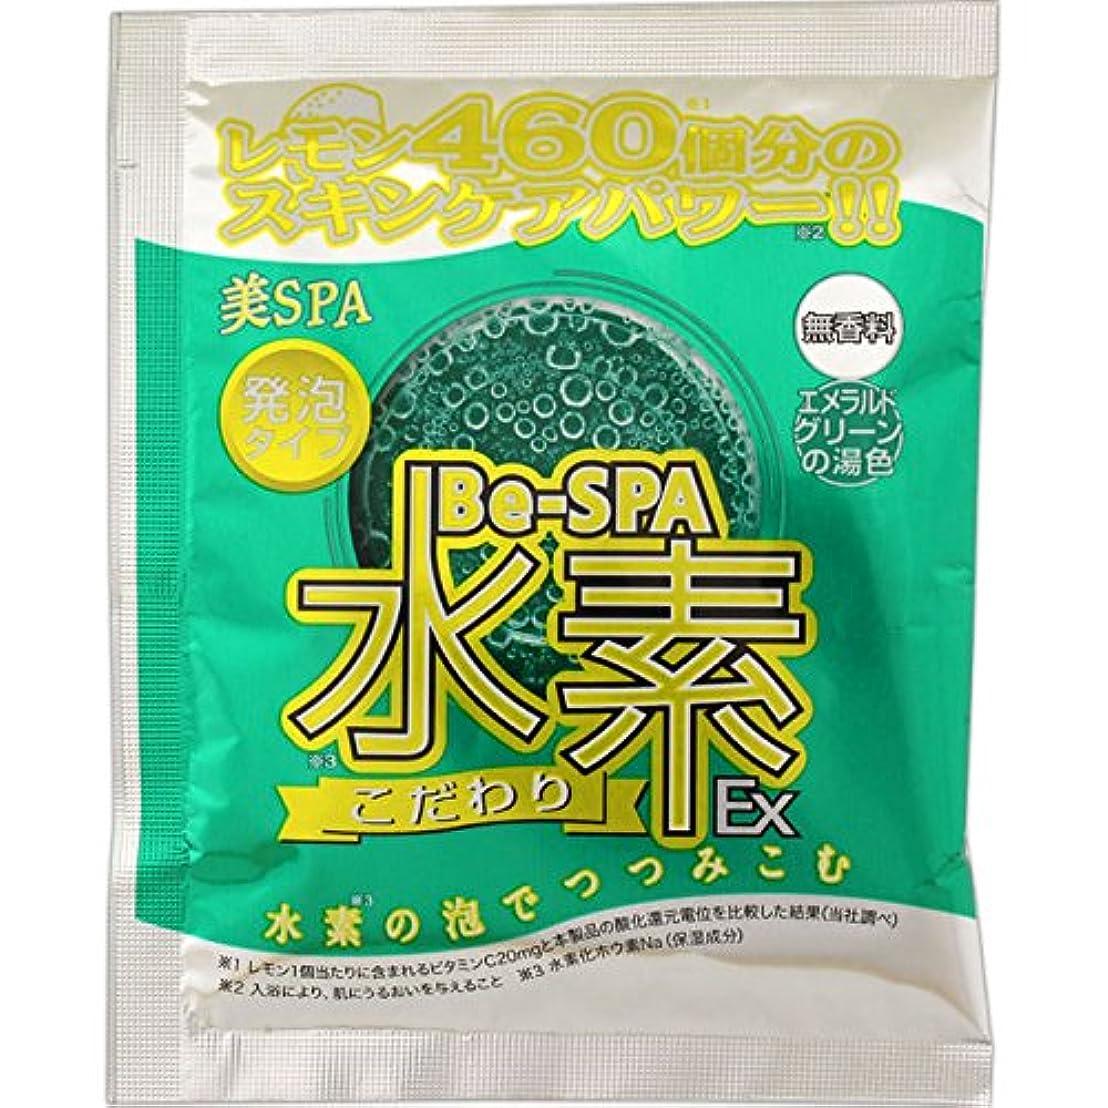 明示的に熟考するどきどき日本生化学 美SPA水素EX エメラルドグリーンの湯色 25g